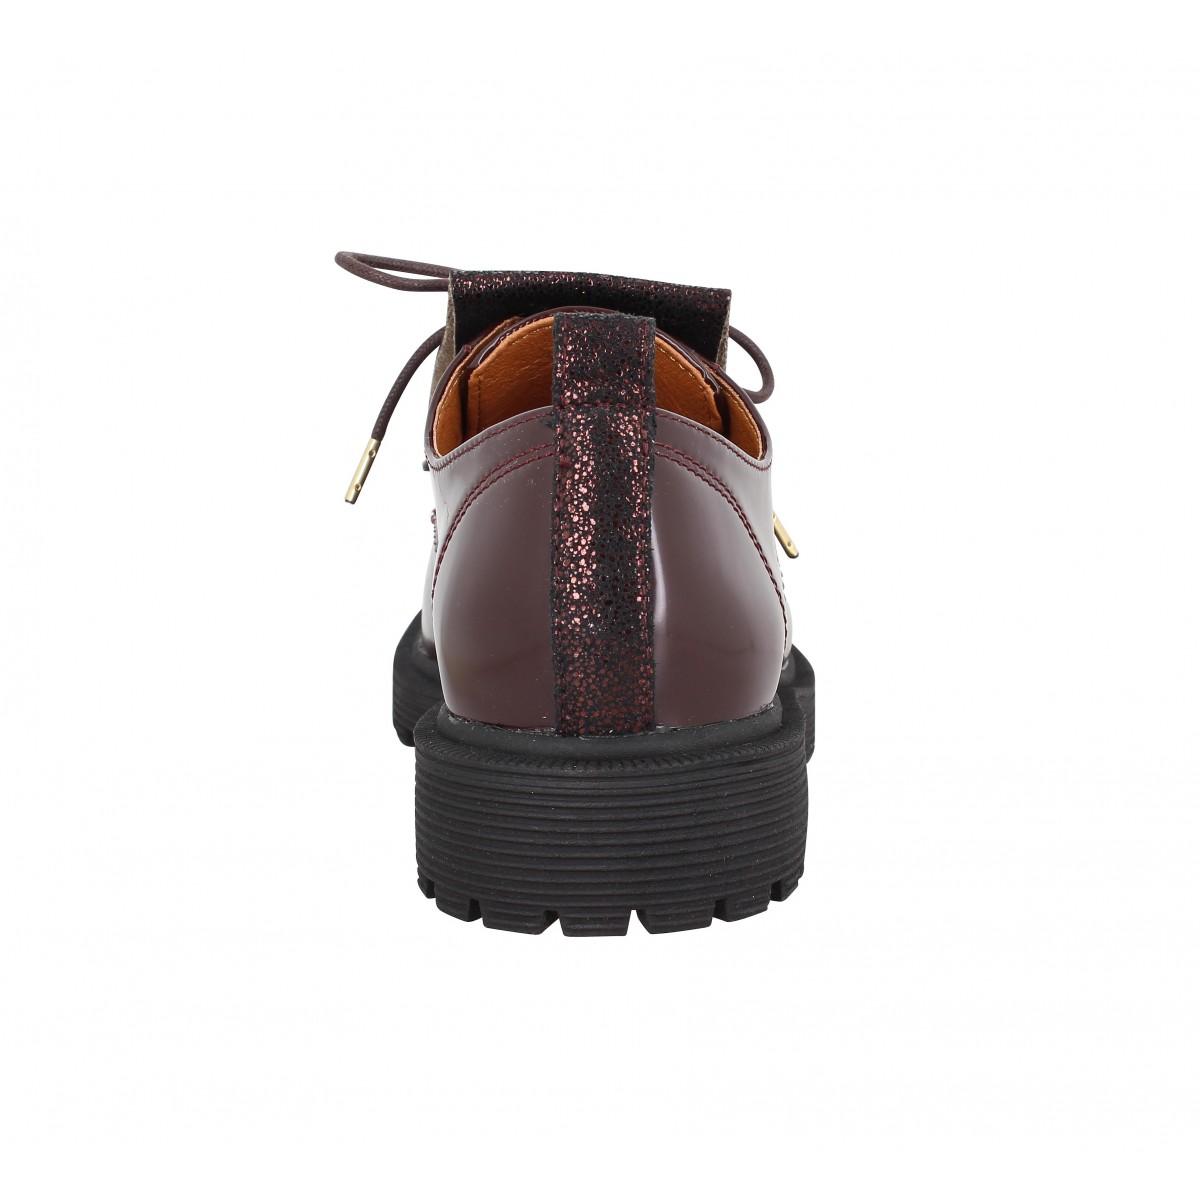 Chaussures à lacets ARMISTICE Rock Derby vernis Femme BordeauxArmistice 7GNuBi